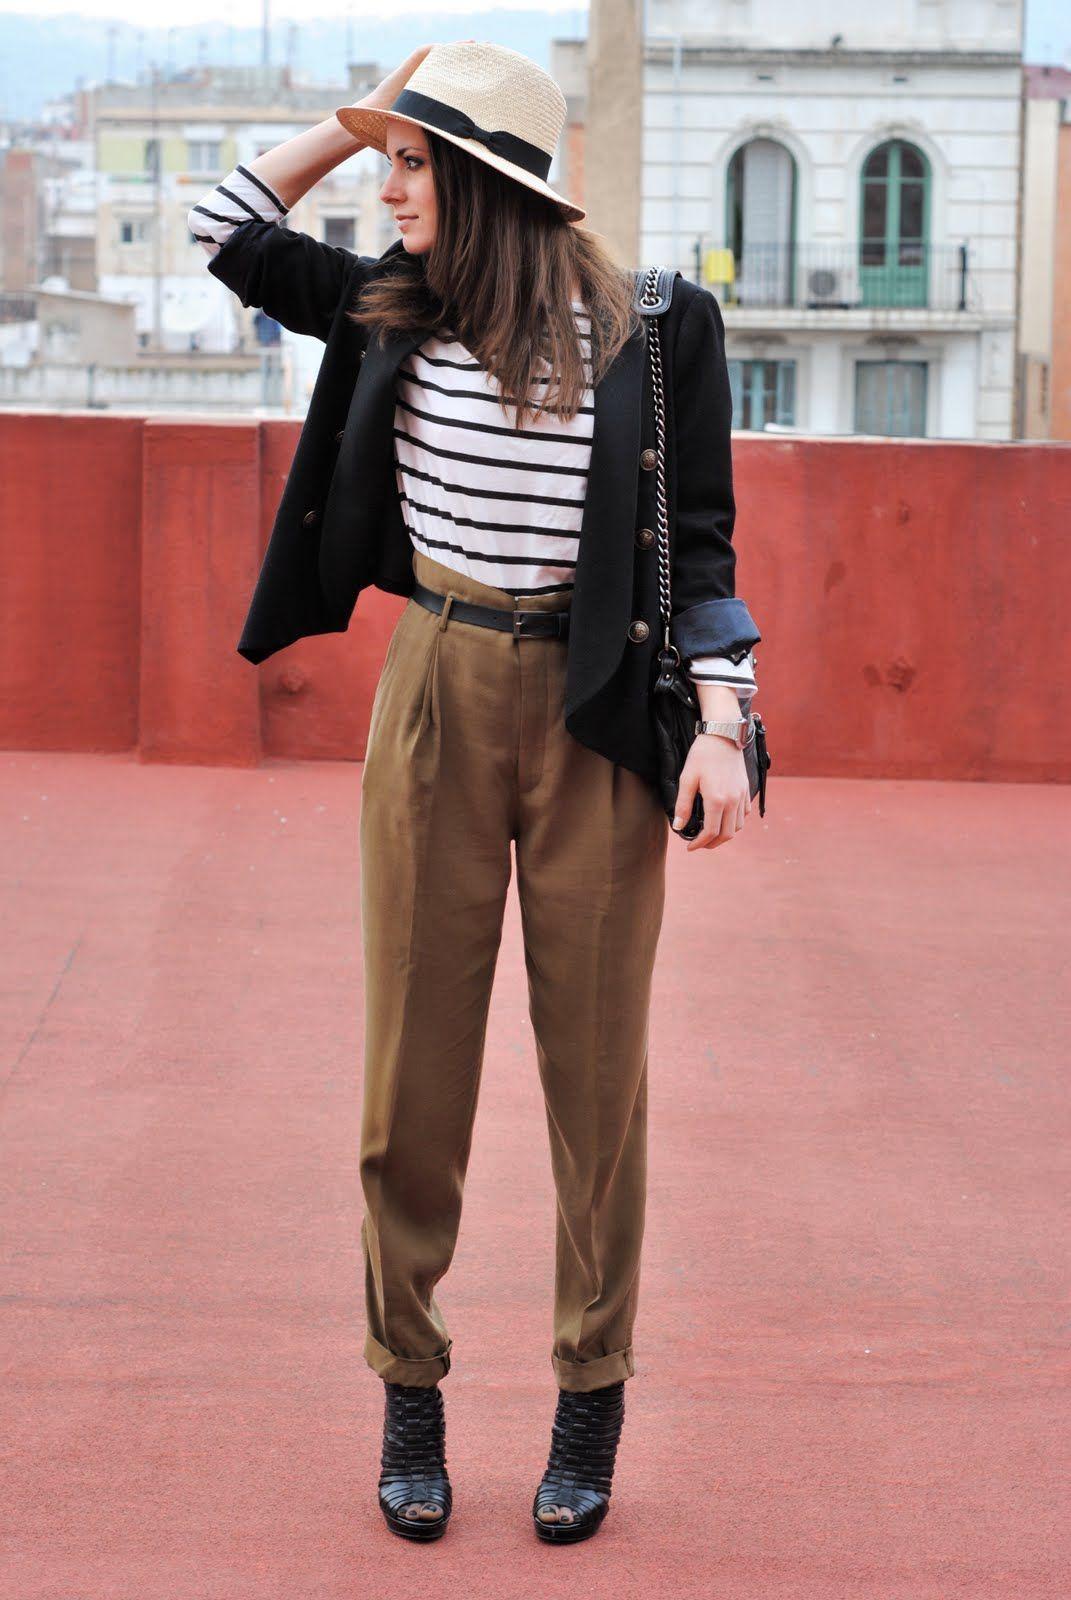 1060fcc359d4 khaki, black, white. striped shirt.   Fashion Your Seatbelts ...